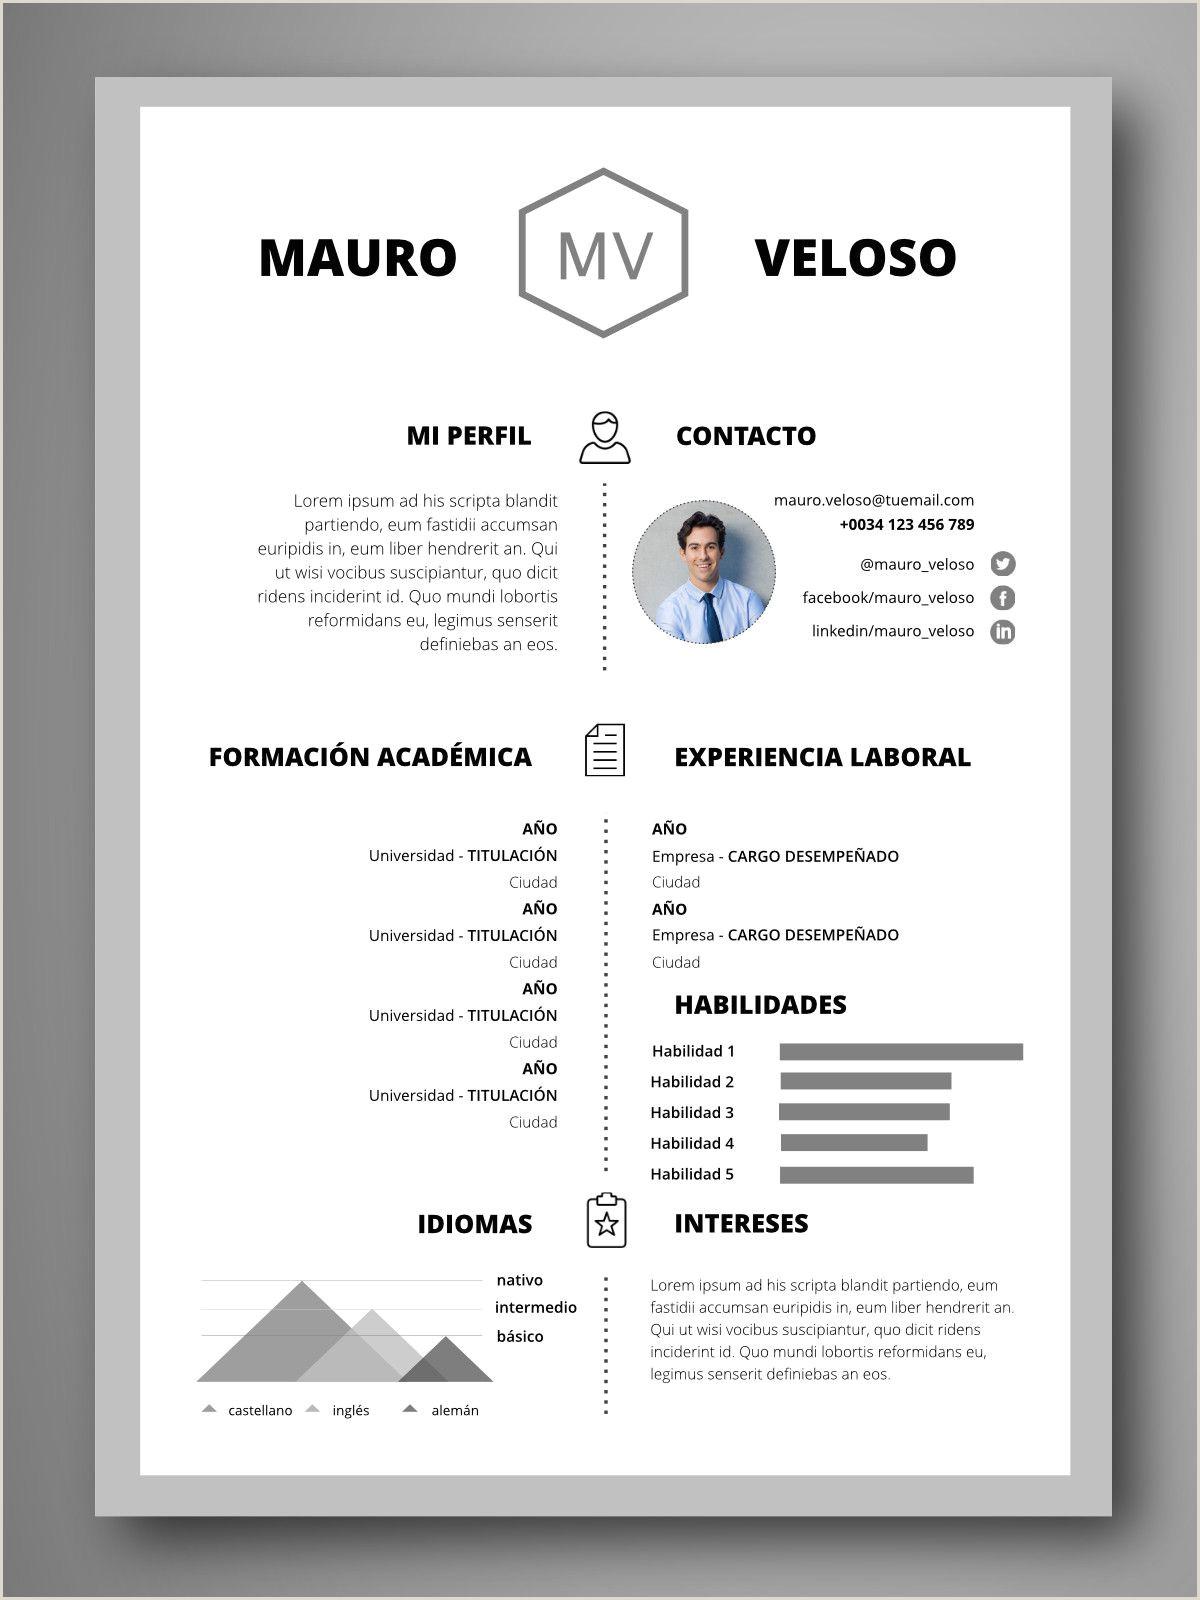 Curriculum Vitae formato Word Para Rellenar Gratis Currculum Berln Portafolio